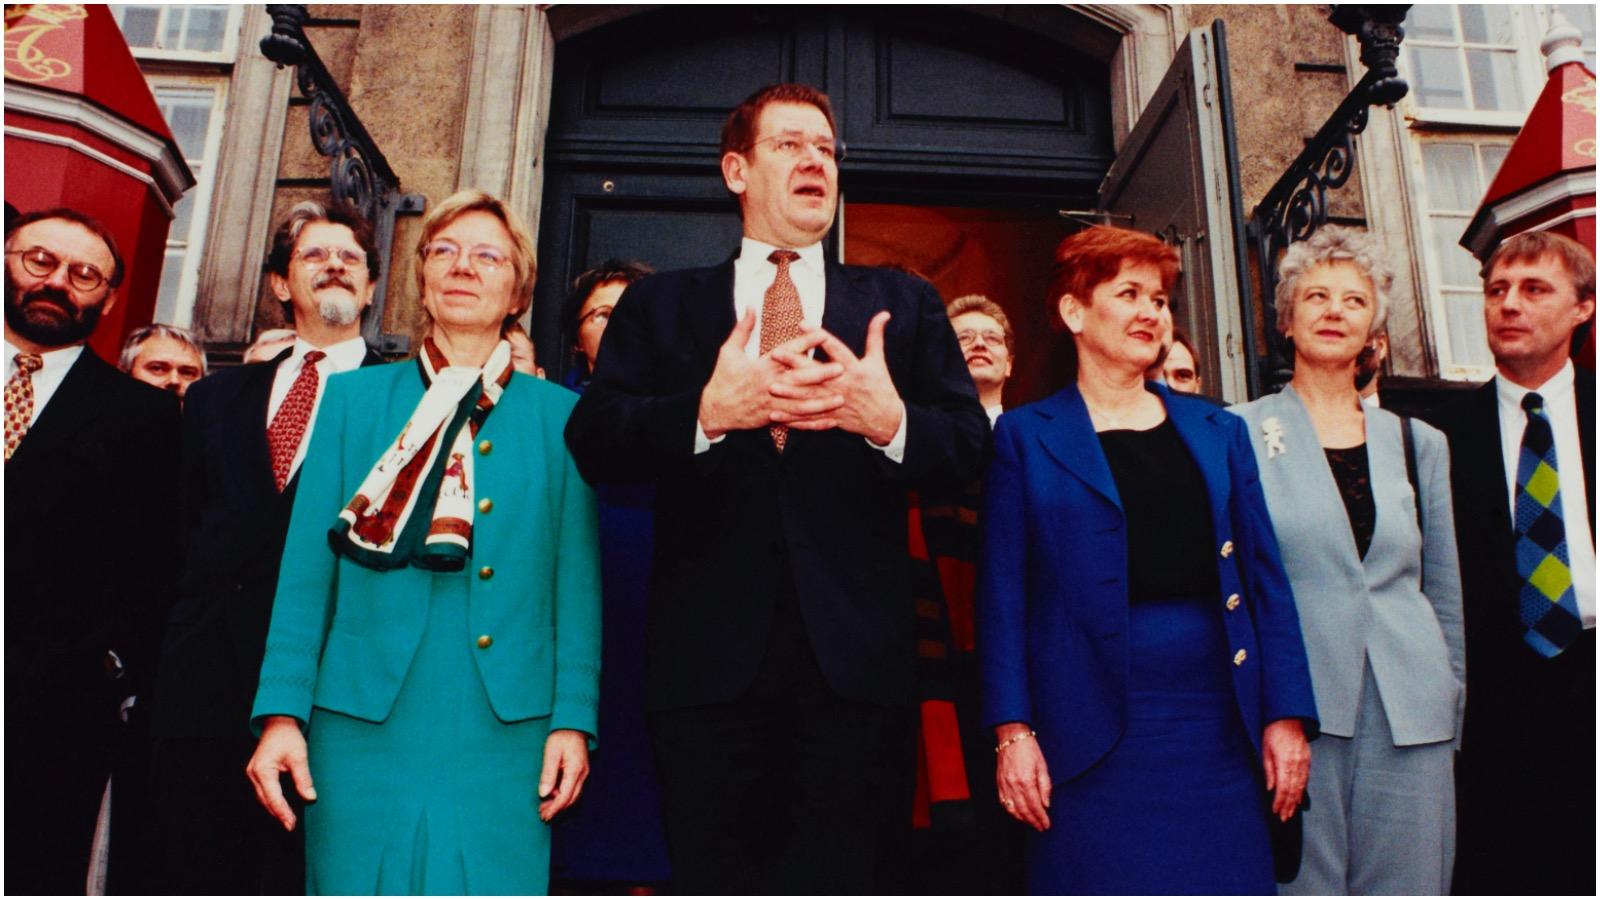 Jan Hoby: Socialdemokratiet blev nyliberalt længe før Thorning og Corydon